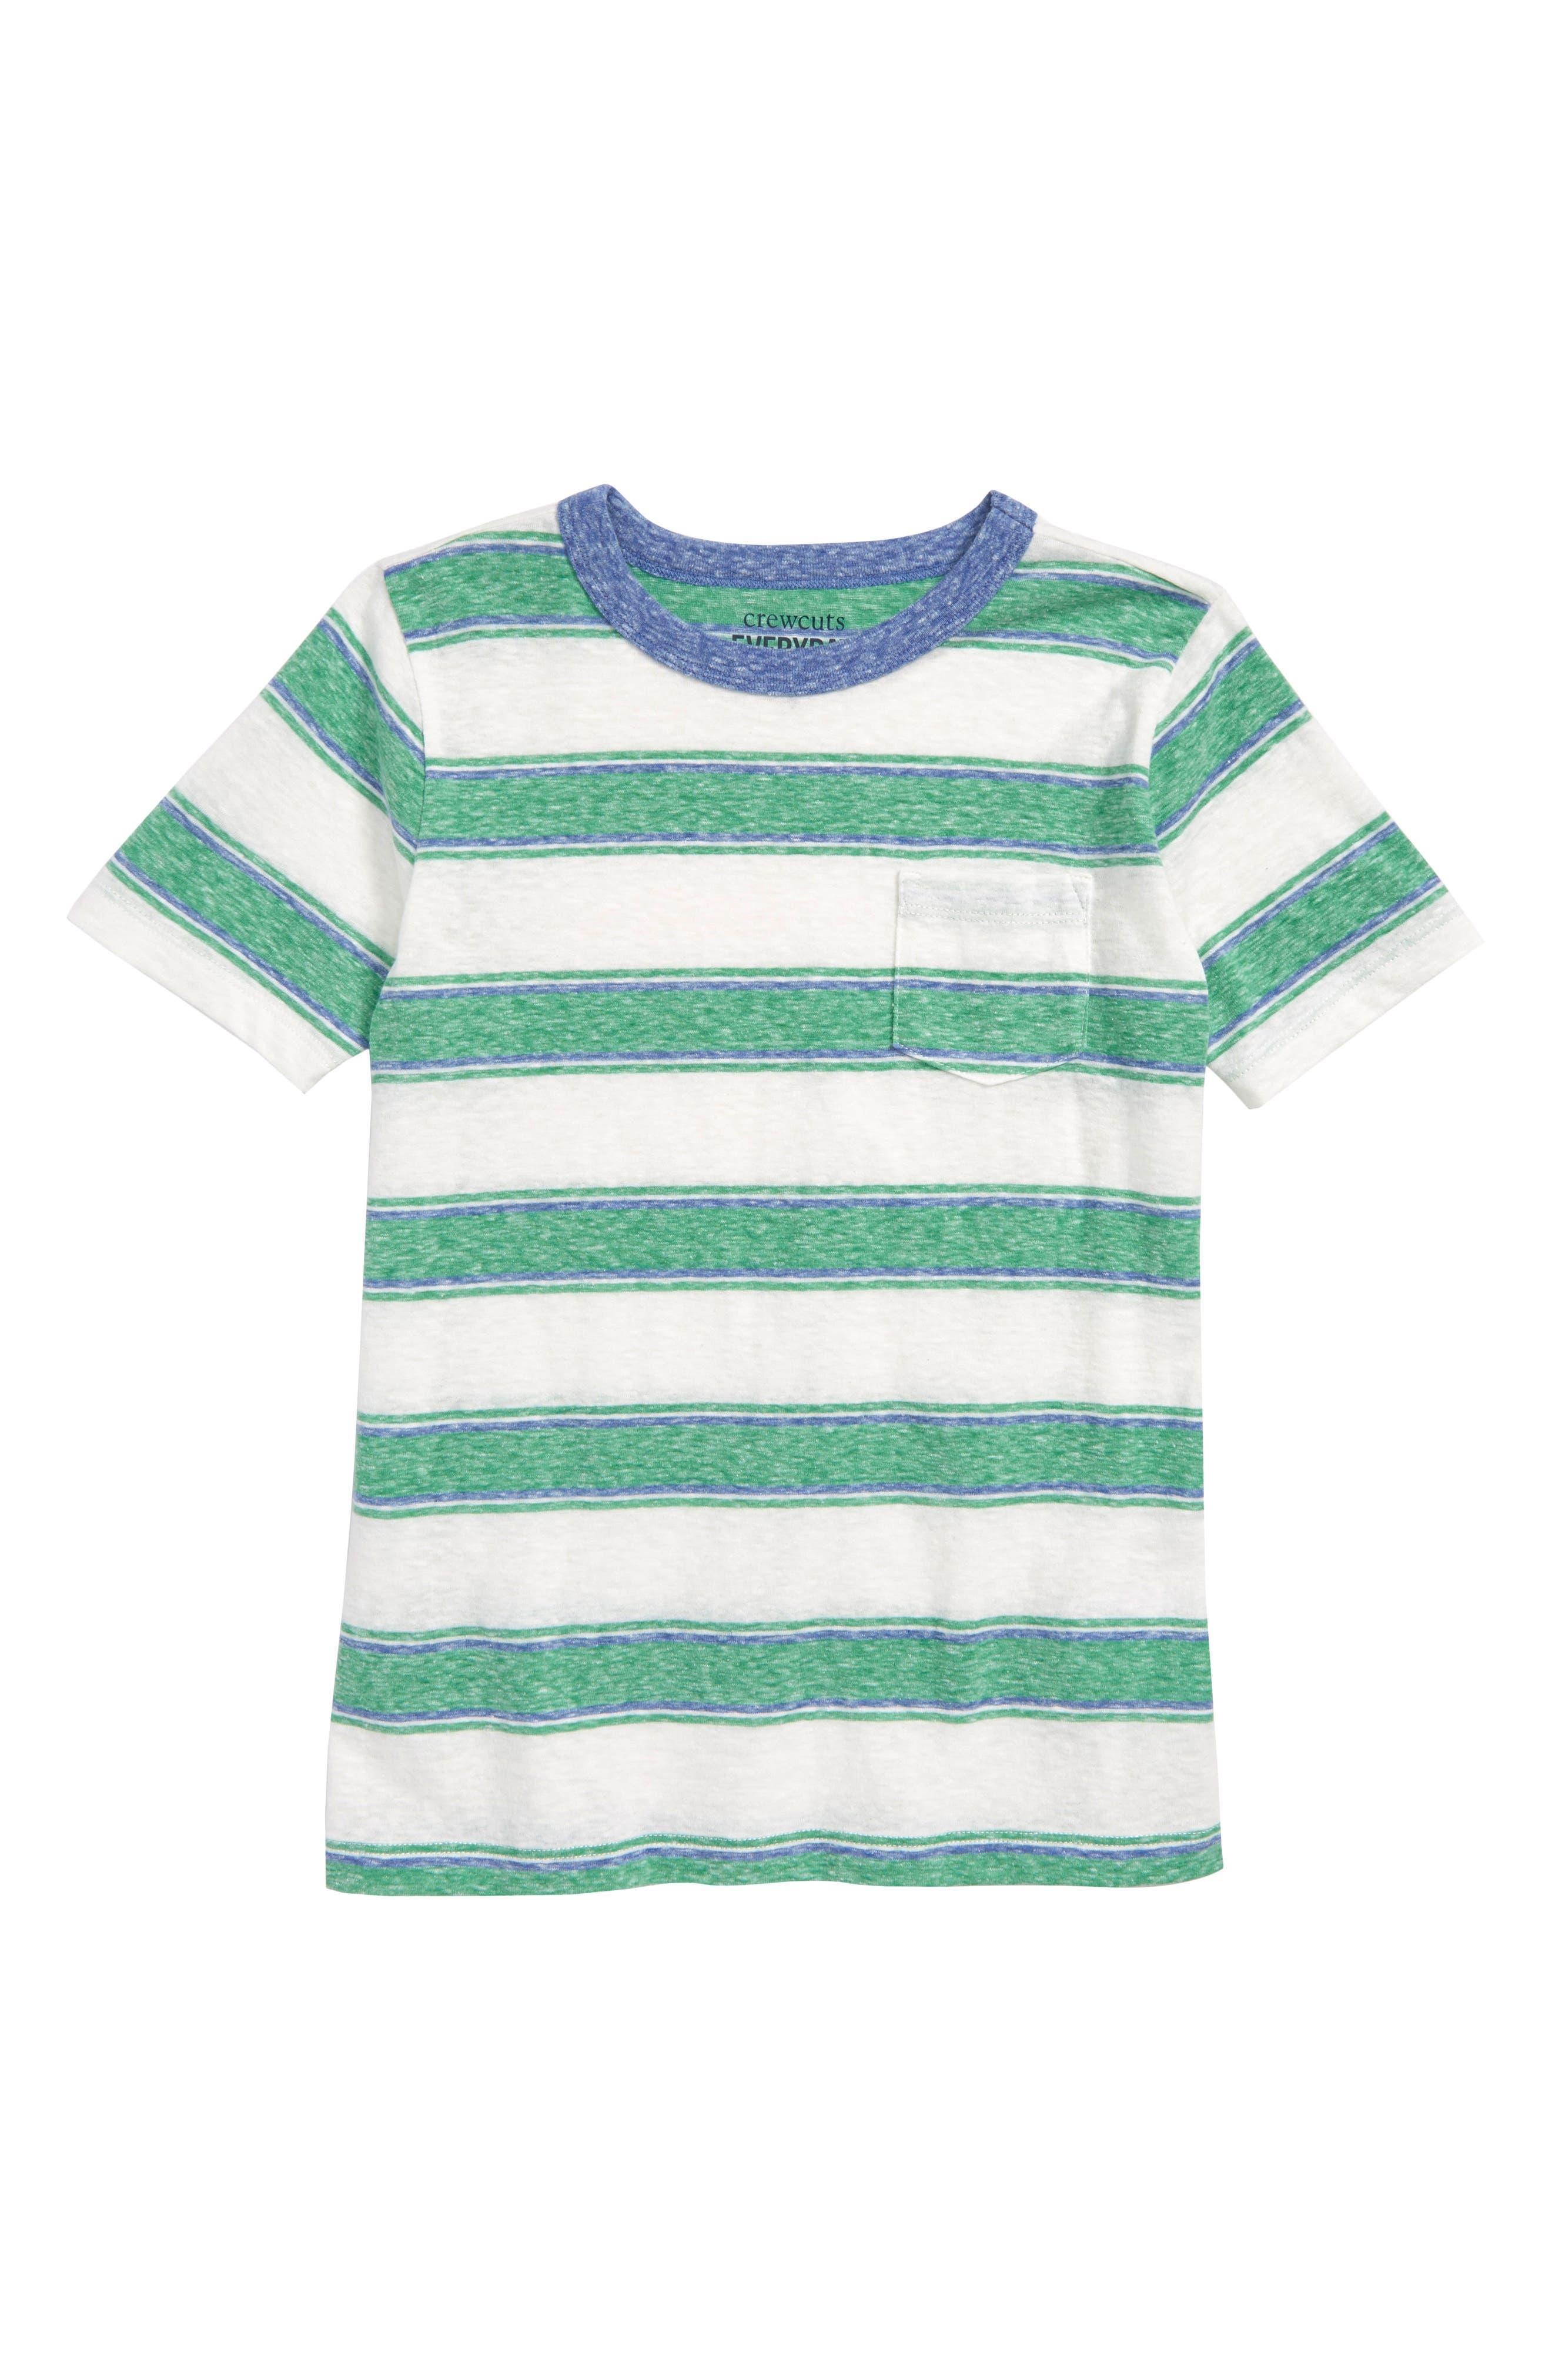 Abbot Surfside Stripe T-Shirt,                             Main thumbnail 1, color,                             Clover Ivory Multi